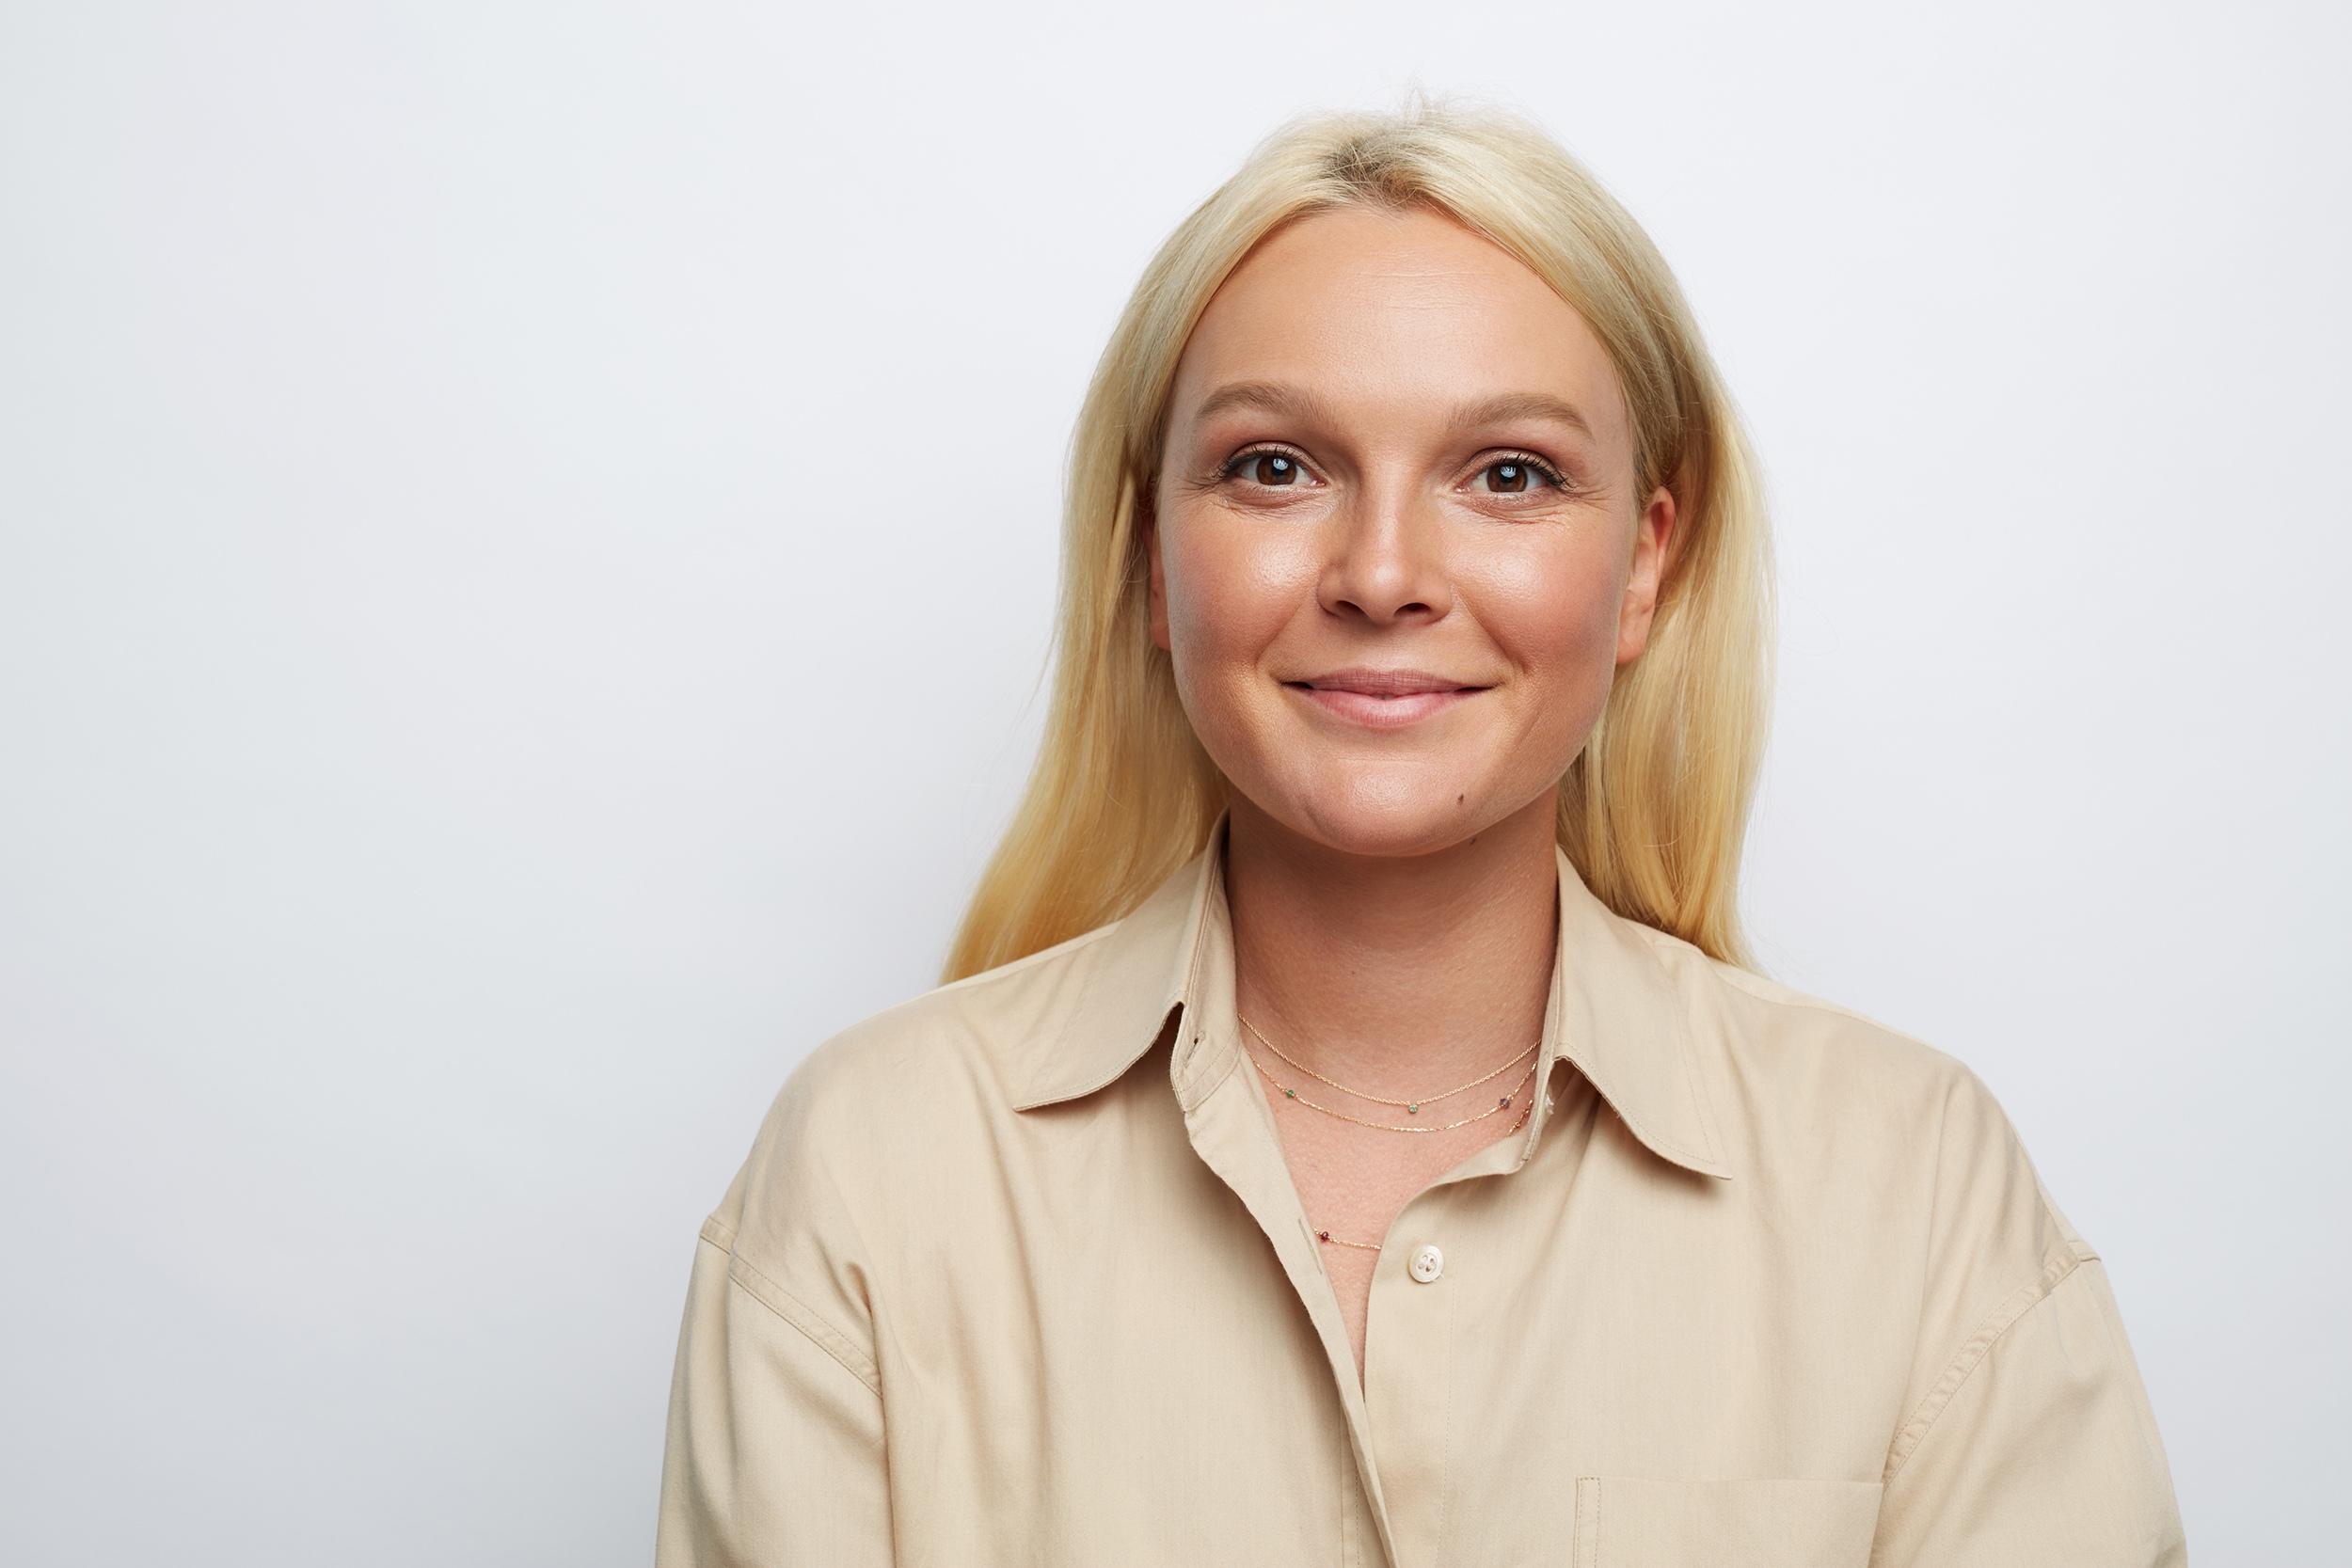 Сегодня день рождения отмечает Великанова Елена Сергеевна.